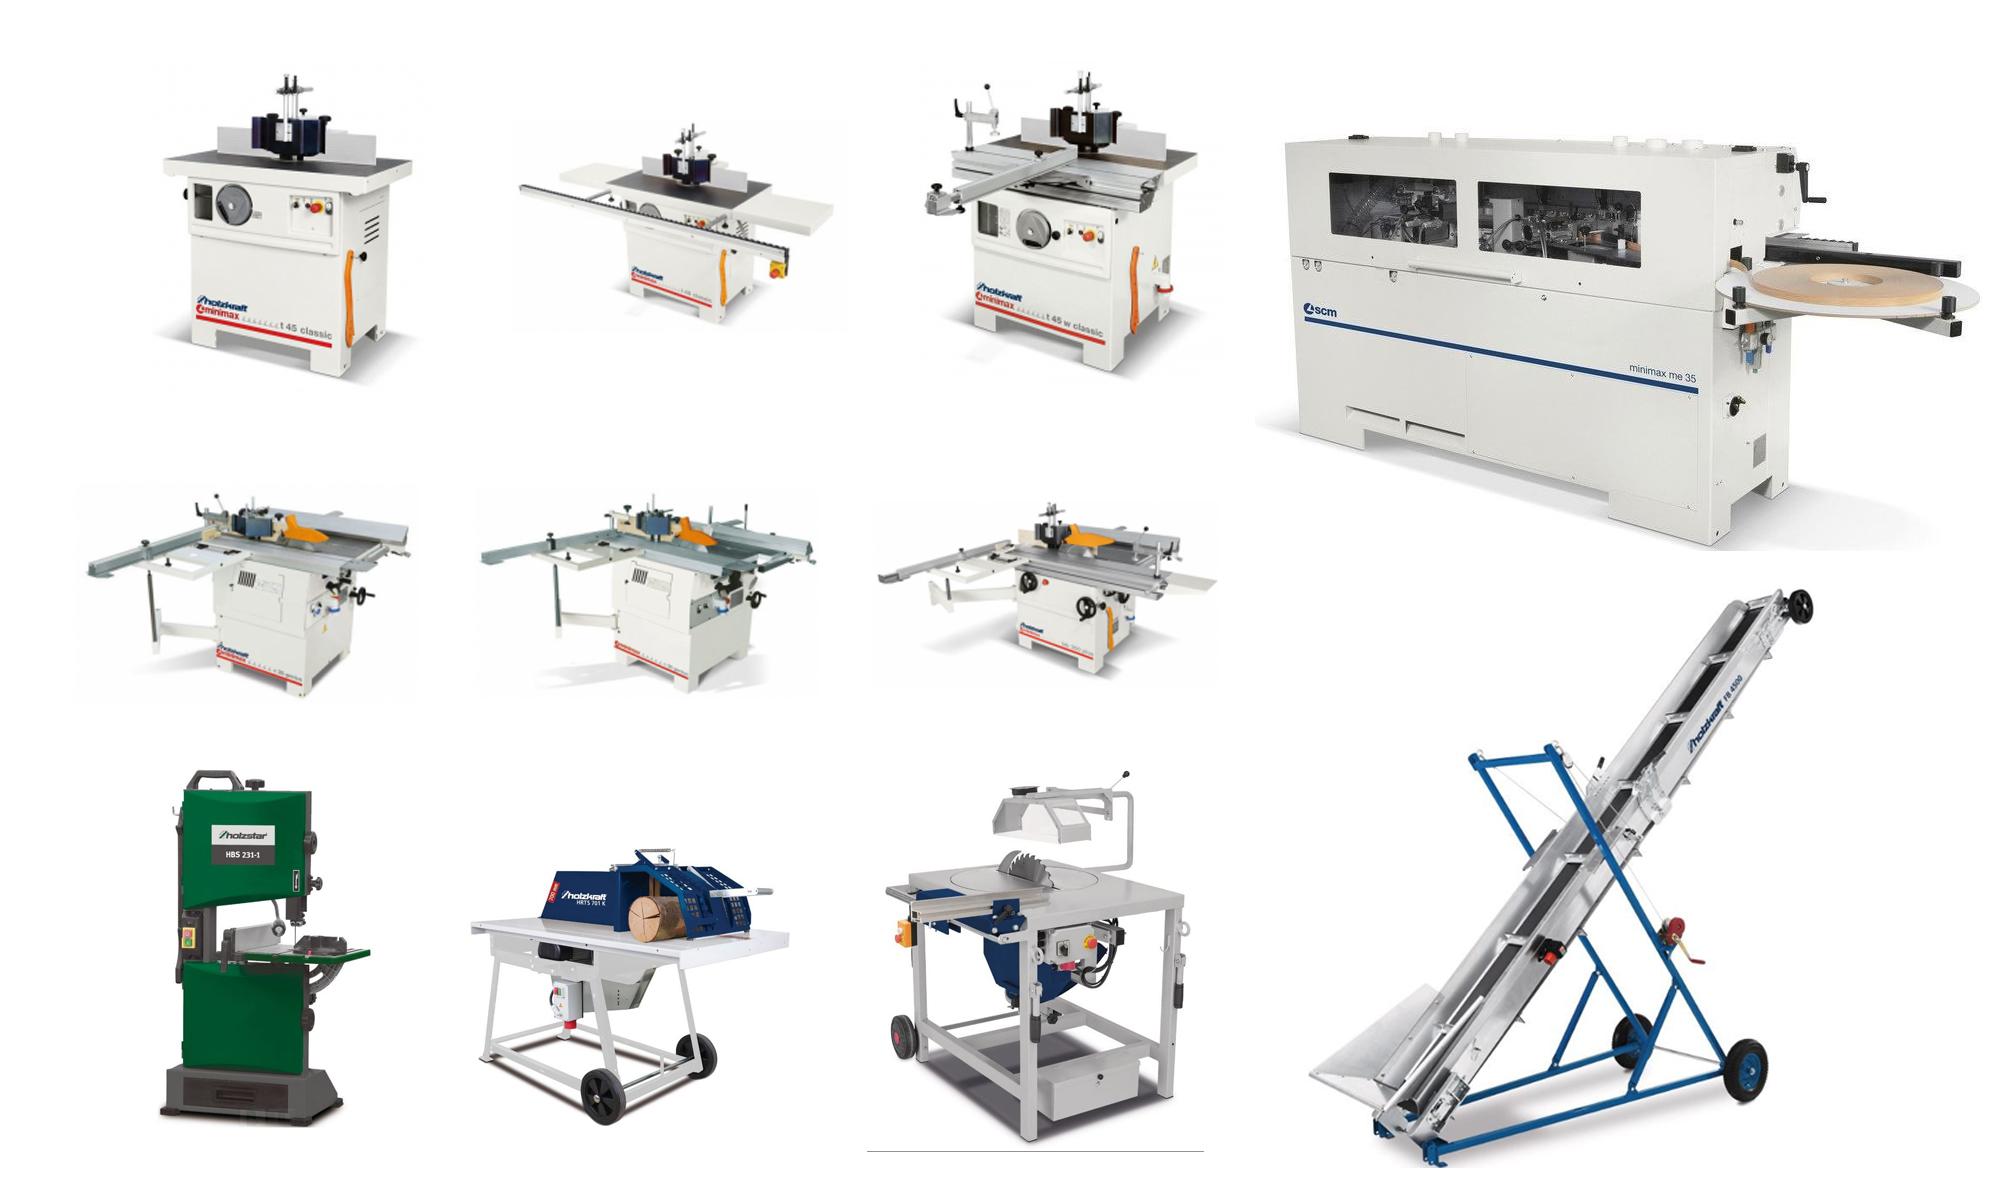 Maszyny i narzędzia stolarskie odpowiednie do twojego warsztatu - Zdjęcie główne